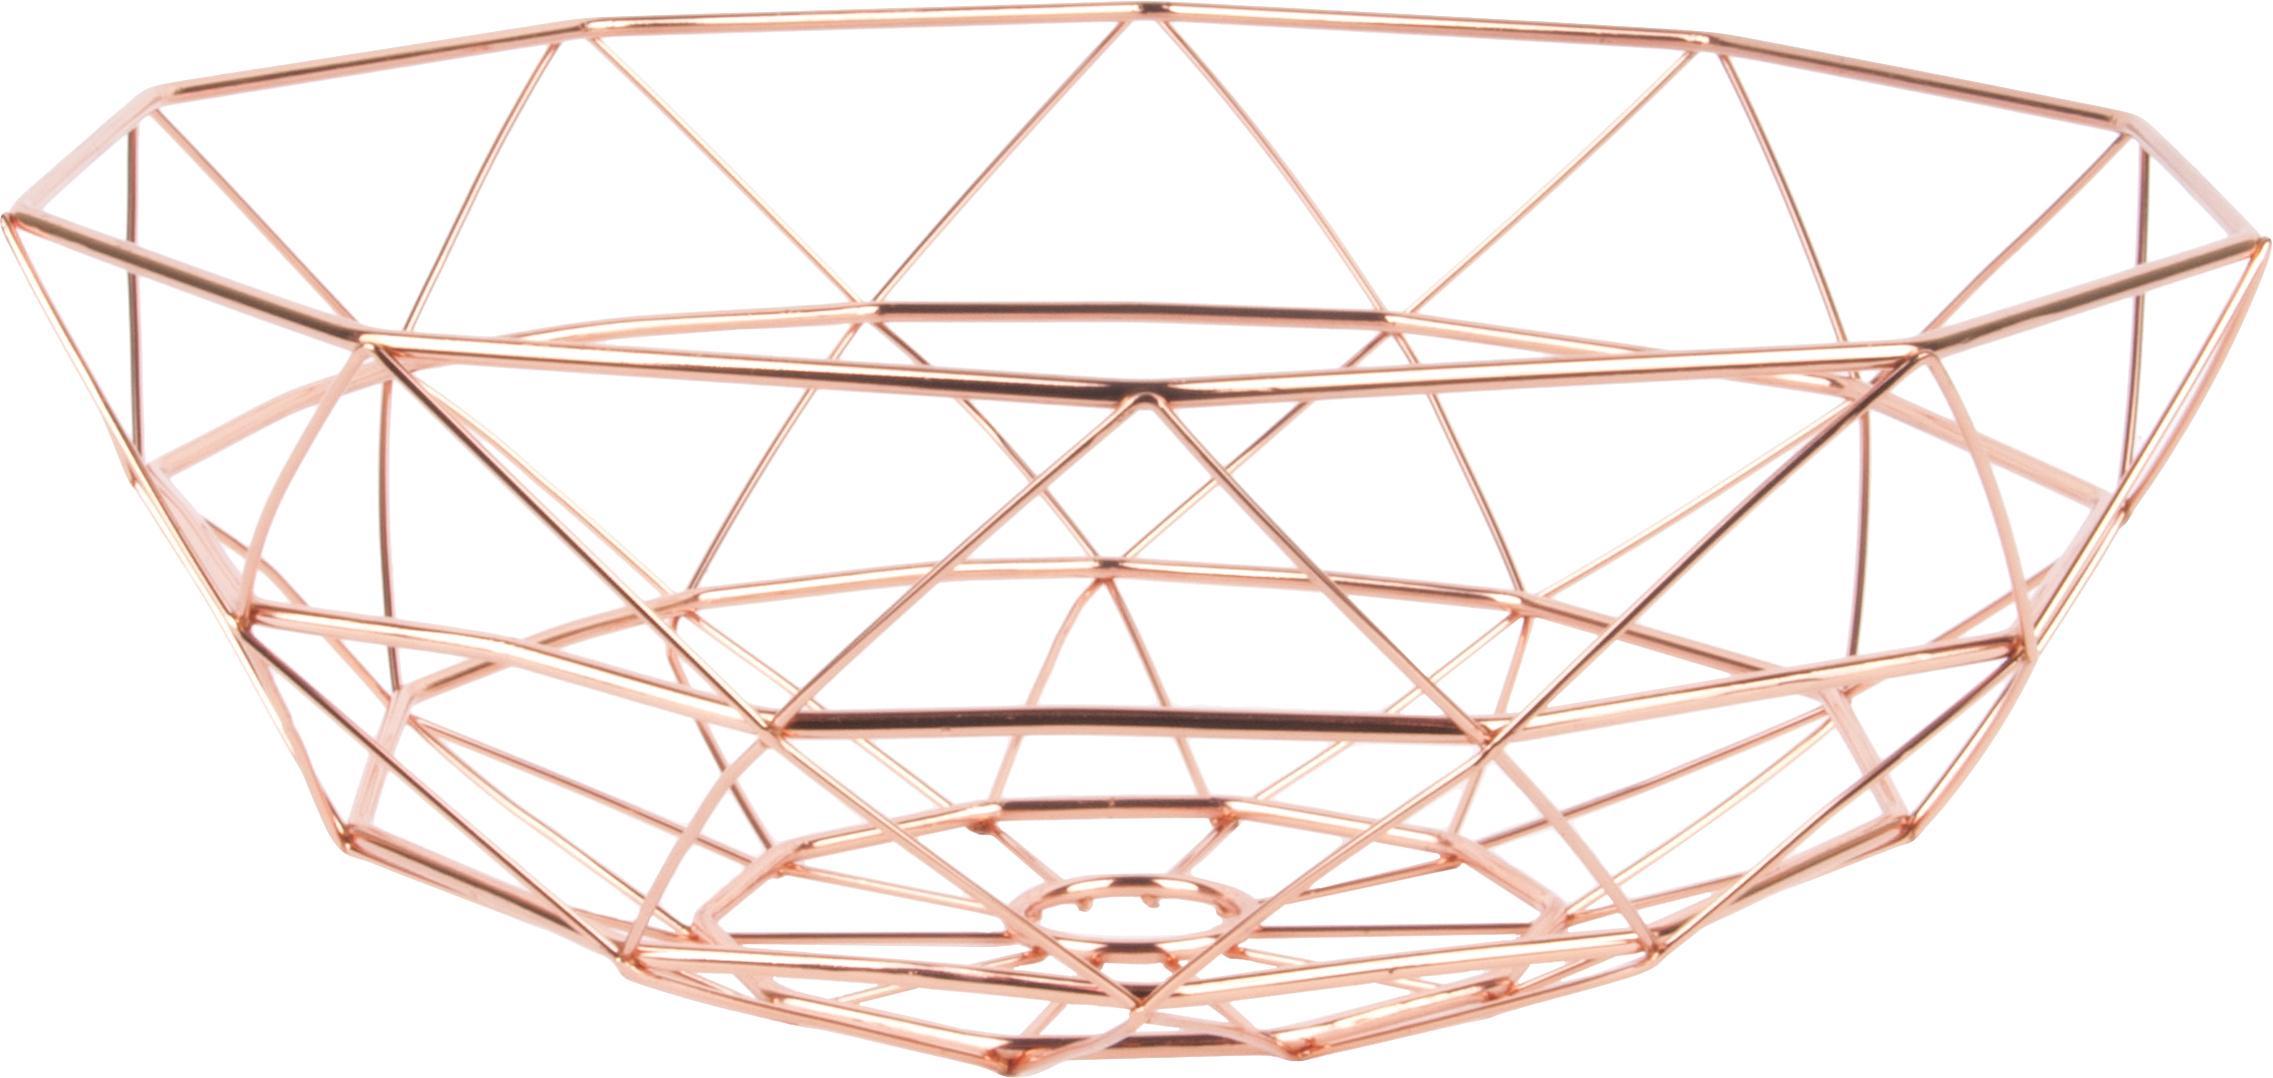 Aufbewahrungskorb Diamond Cut in Kupfer, Metall, Kupferfarben, Ø 35 x H 13 cm